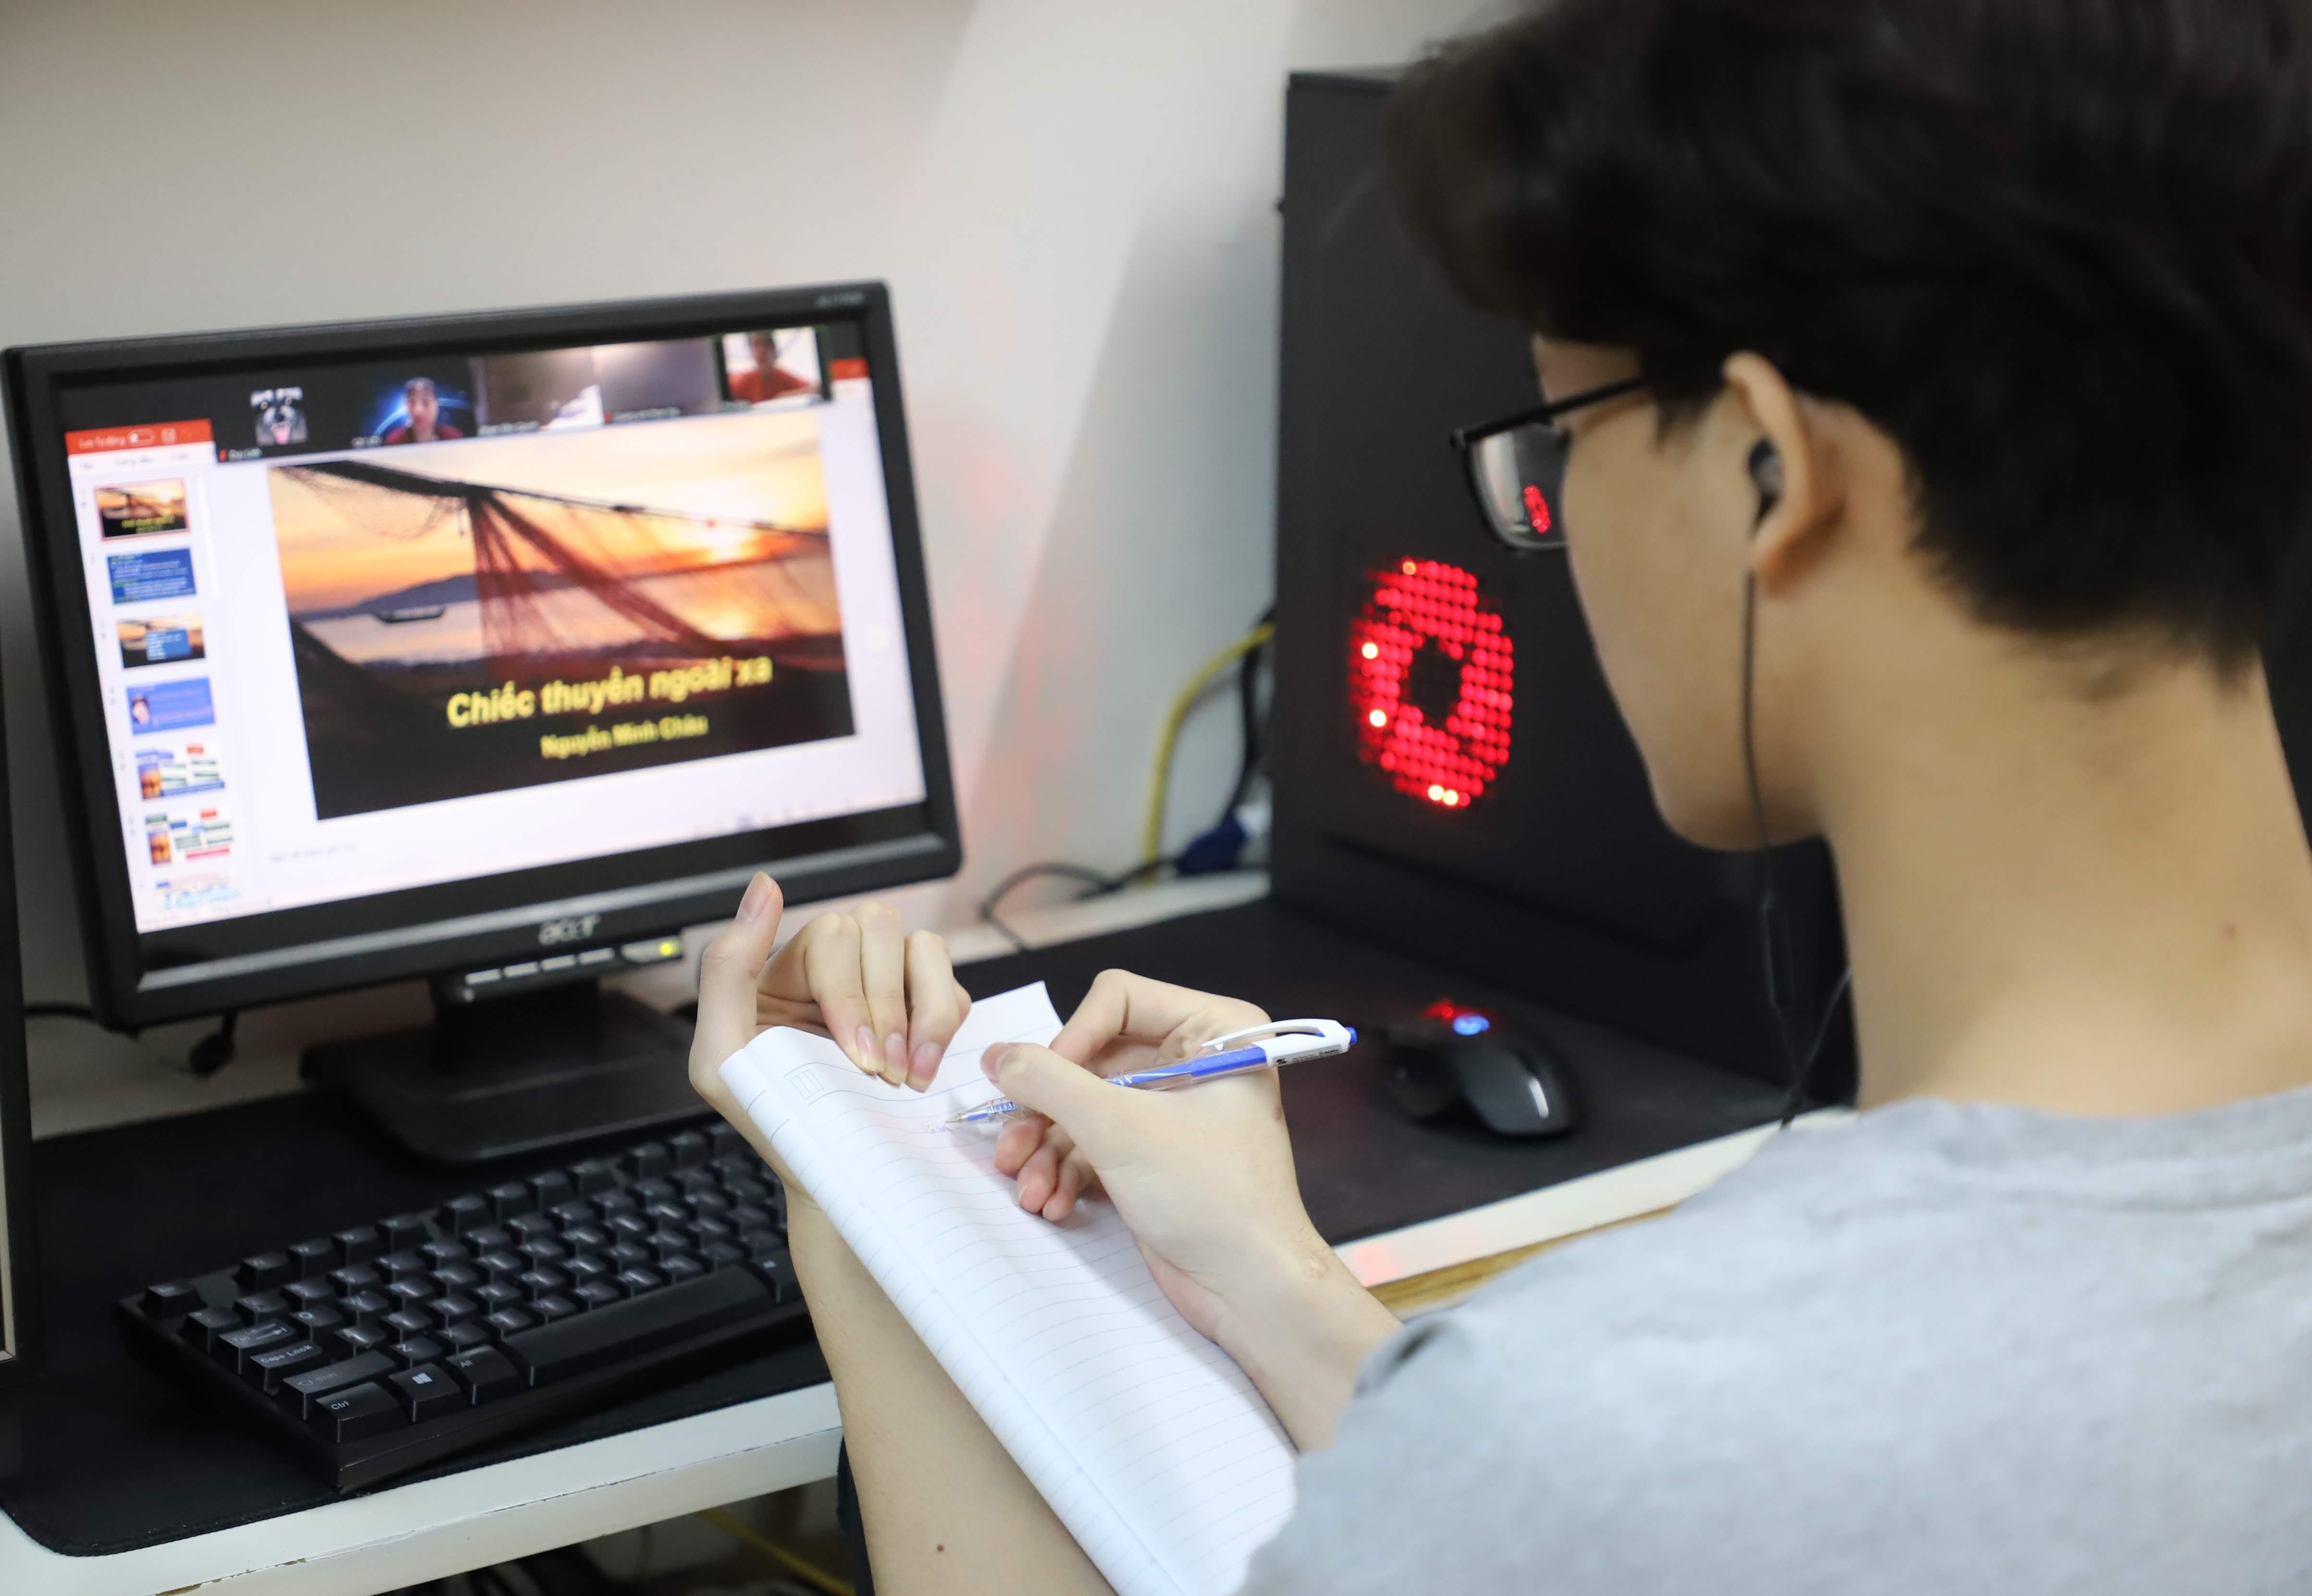 Tăng cường học online để luyện thi. Ảnh: Quang Vinh.